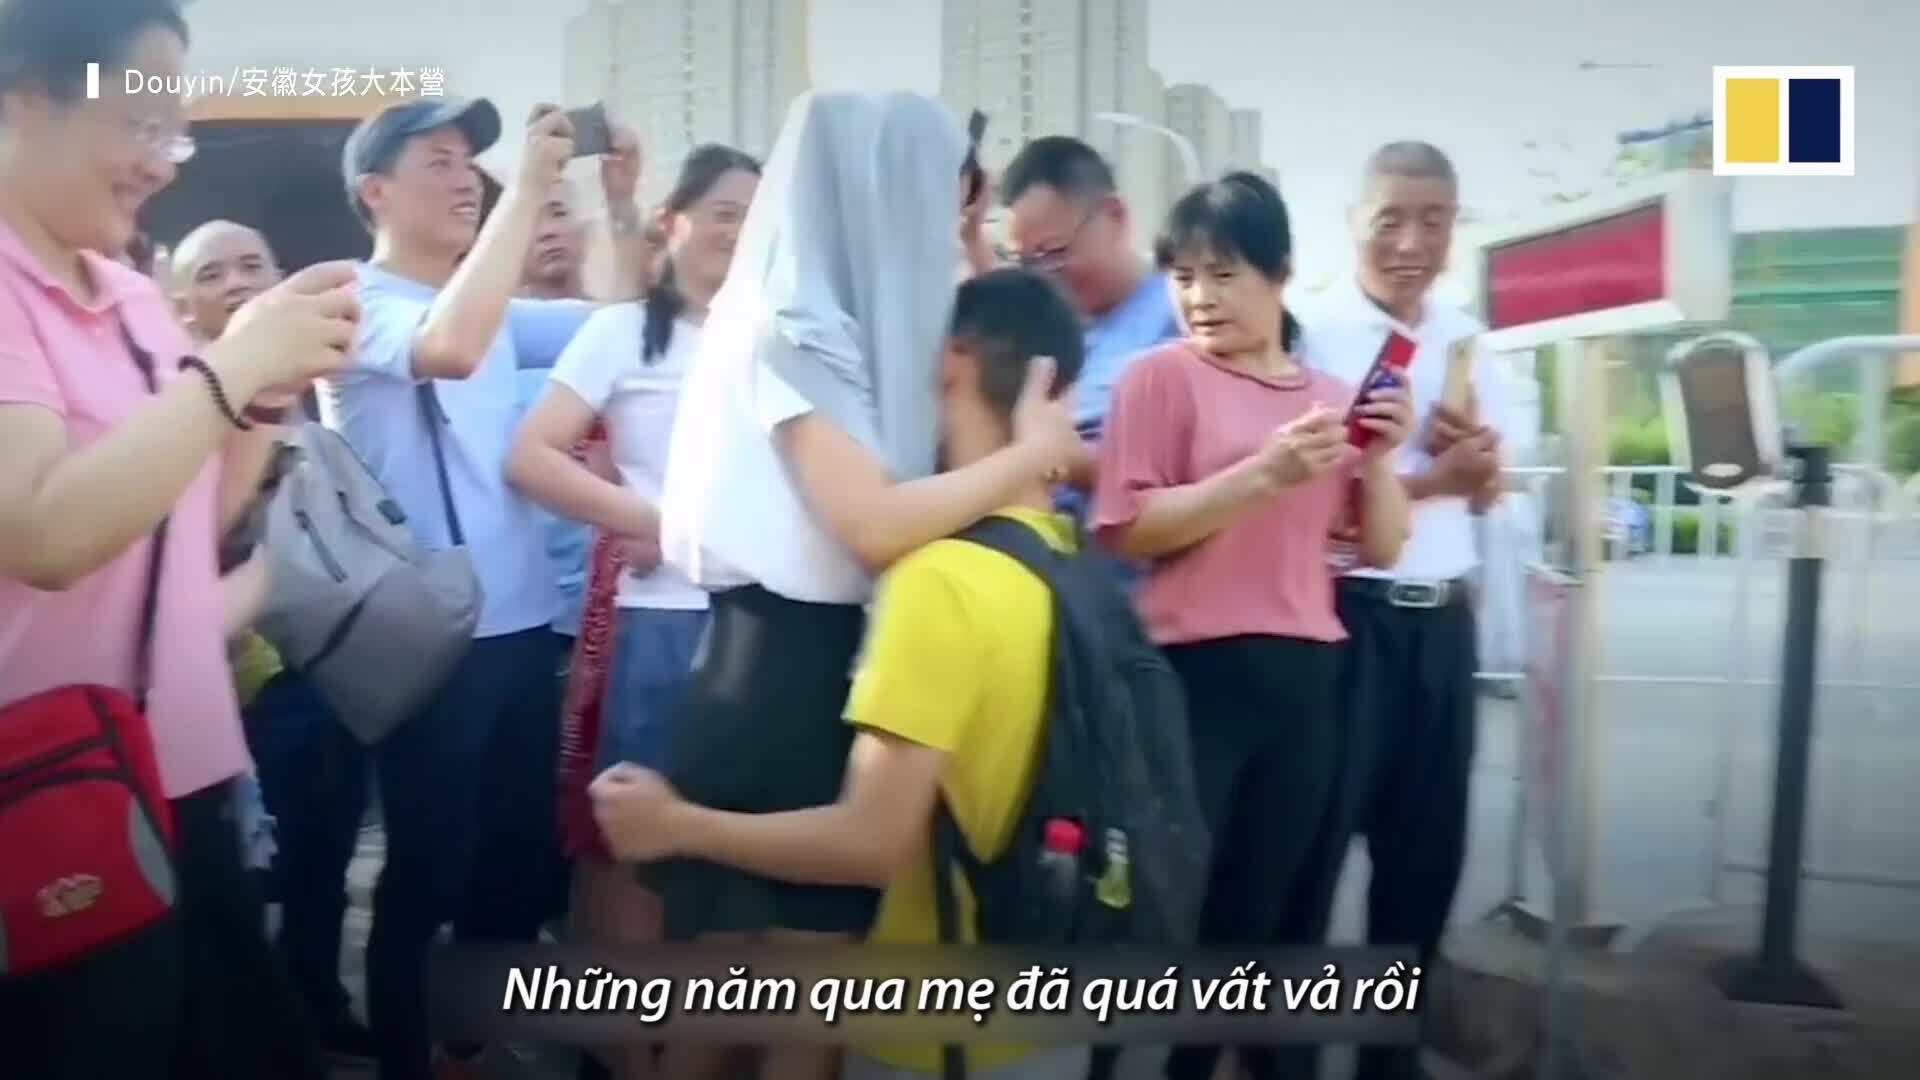 Nam sinh Trung Quốc quỳ xuống cảm ơn mẹ sau khi thi đại học